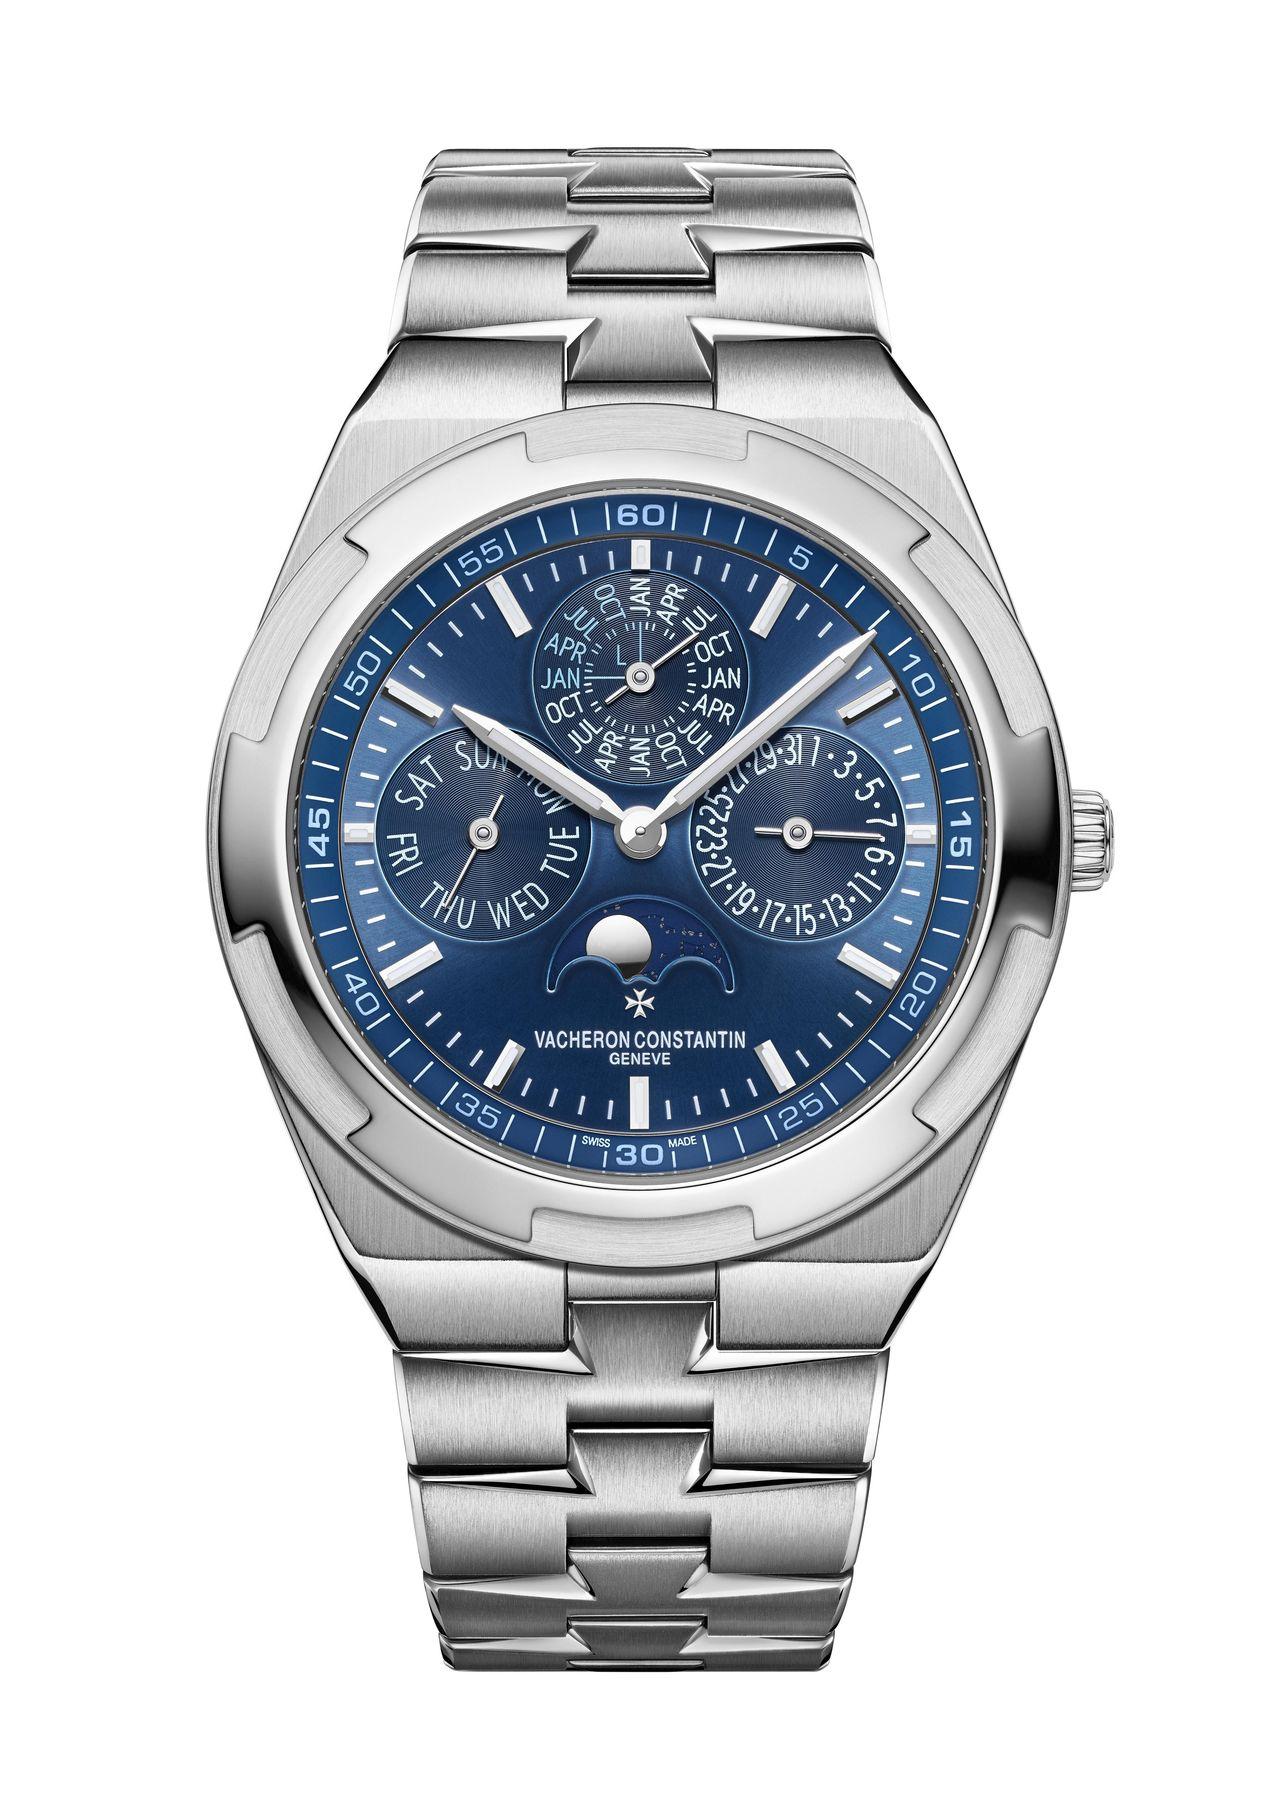 Vacheron Constantin Overseas perpetual calendar ultra-thin - luxus-sportórák jellemző megjelenés